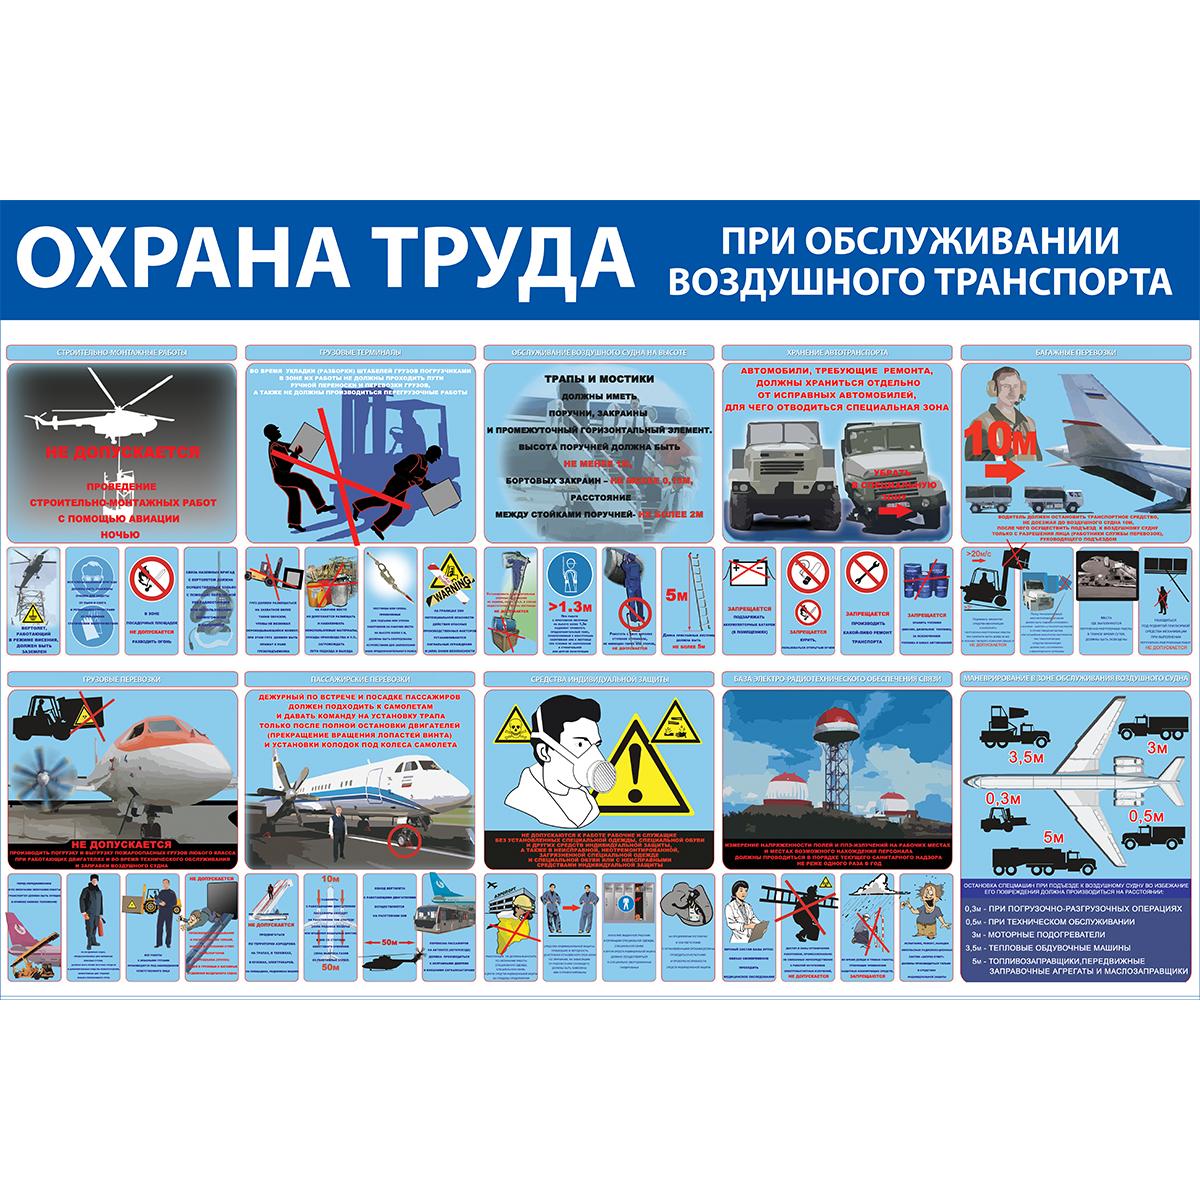 картинки по охране труда на авиационном заводе еще